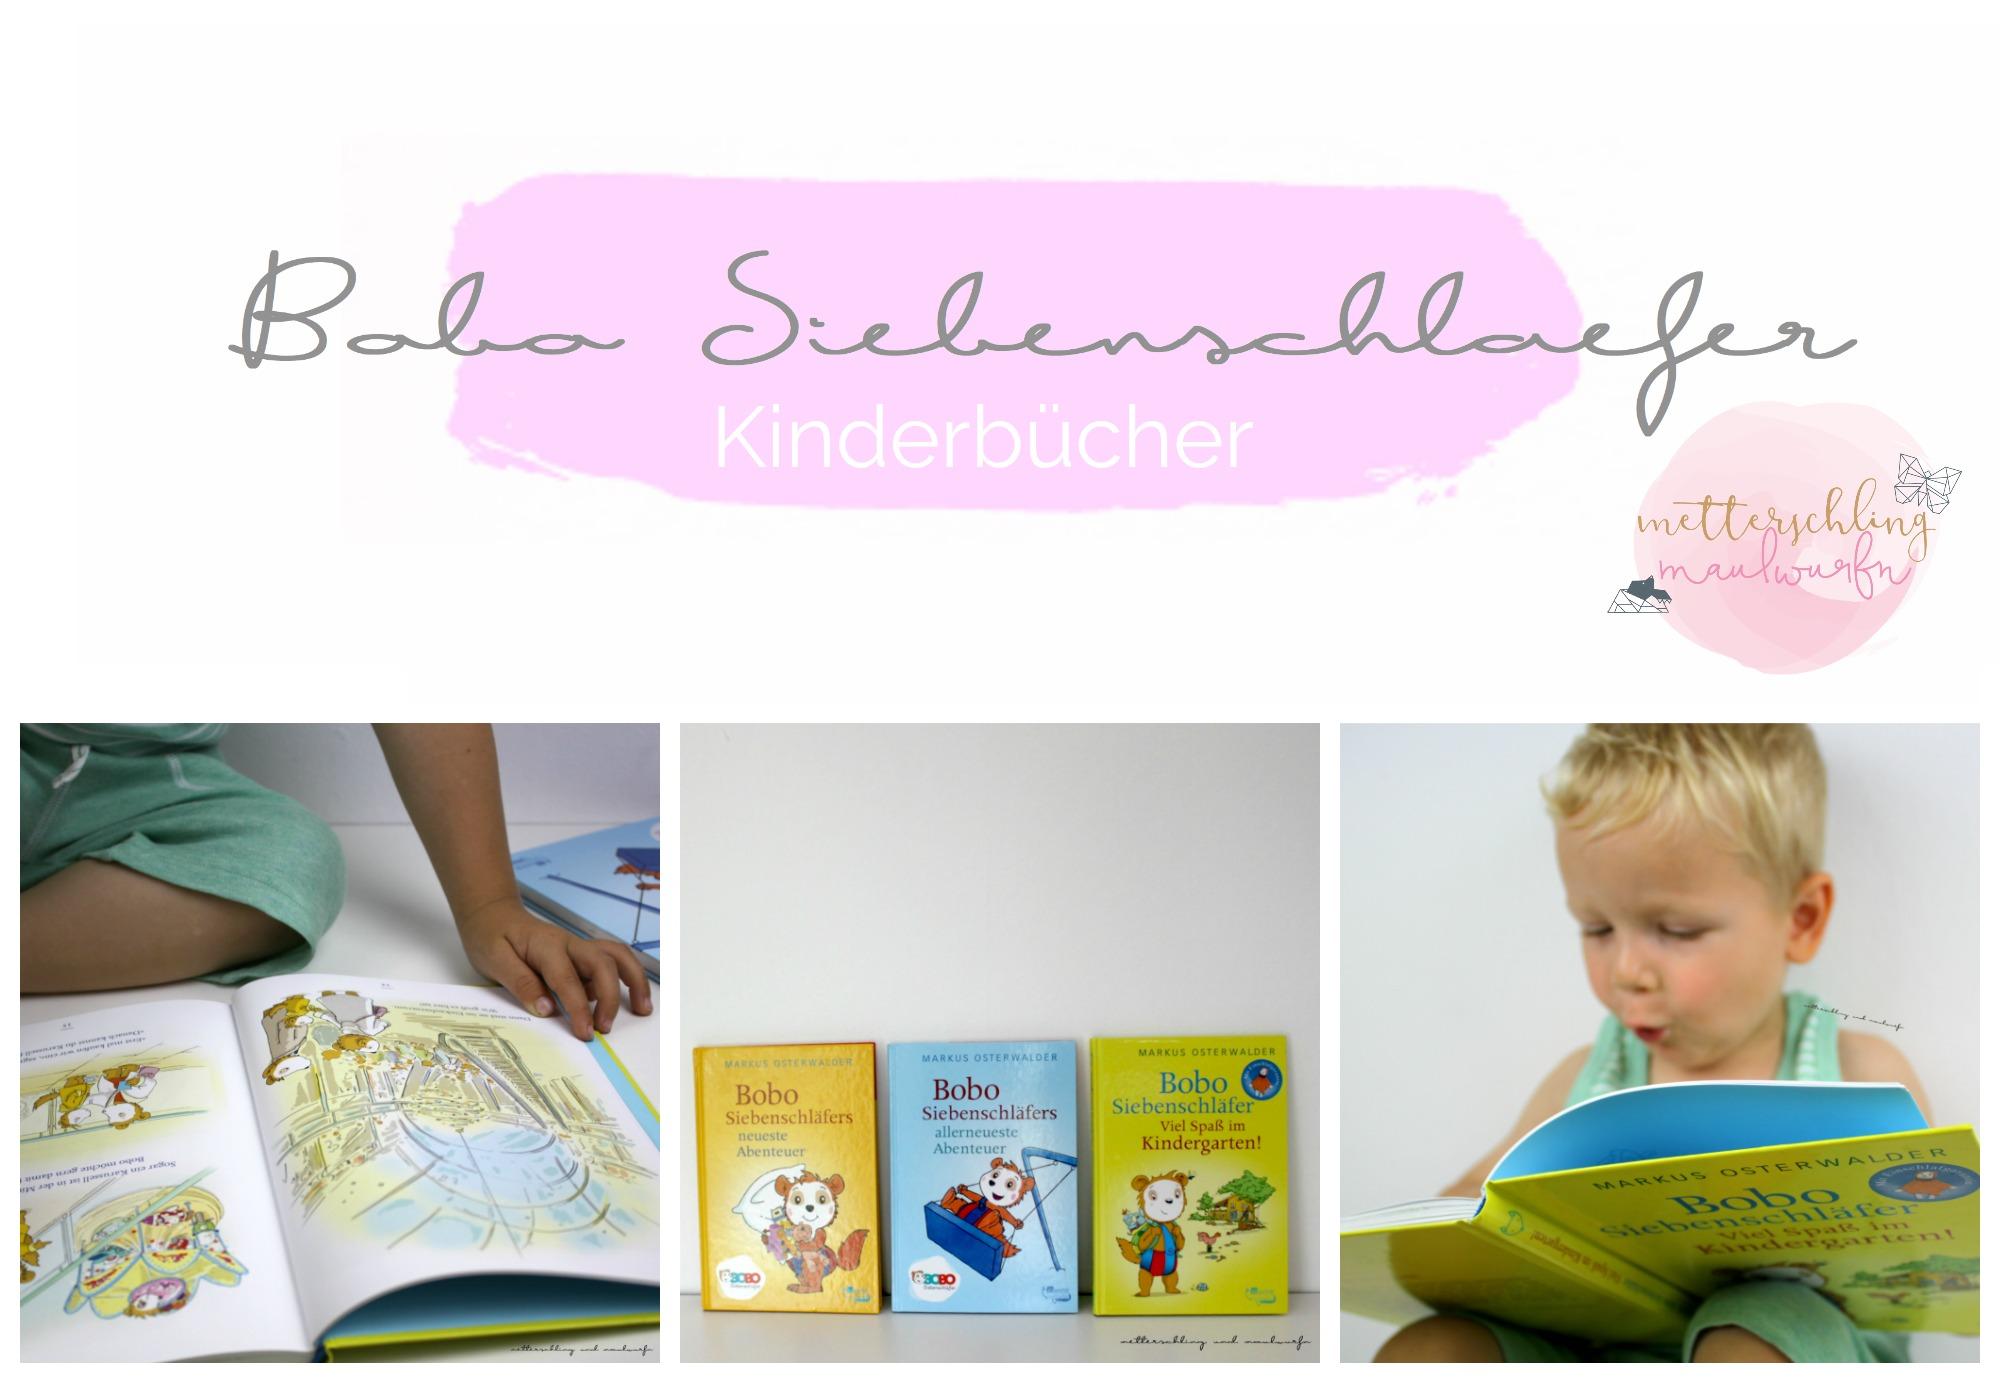 Lieblingsbücher: Bobo Siebenschläfer / Unerzogen